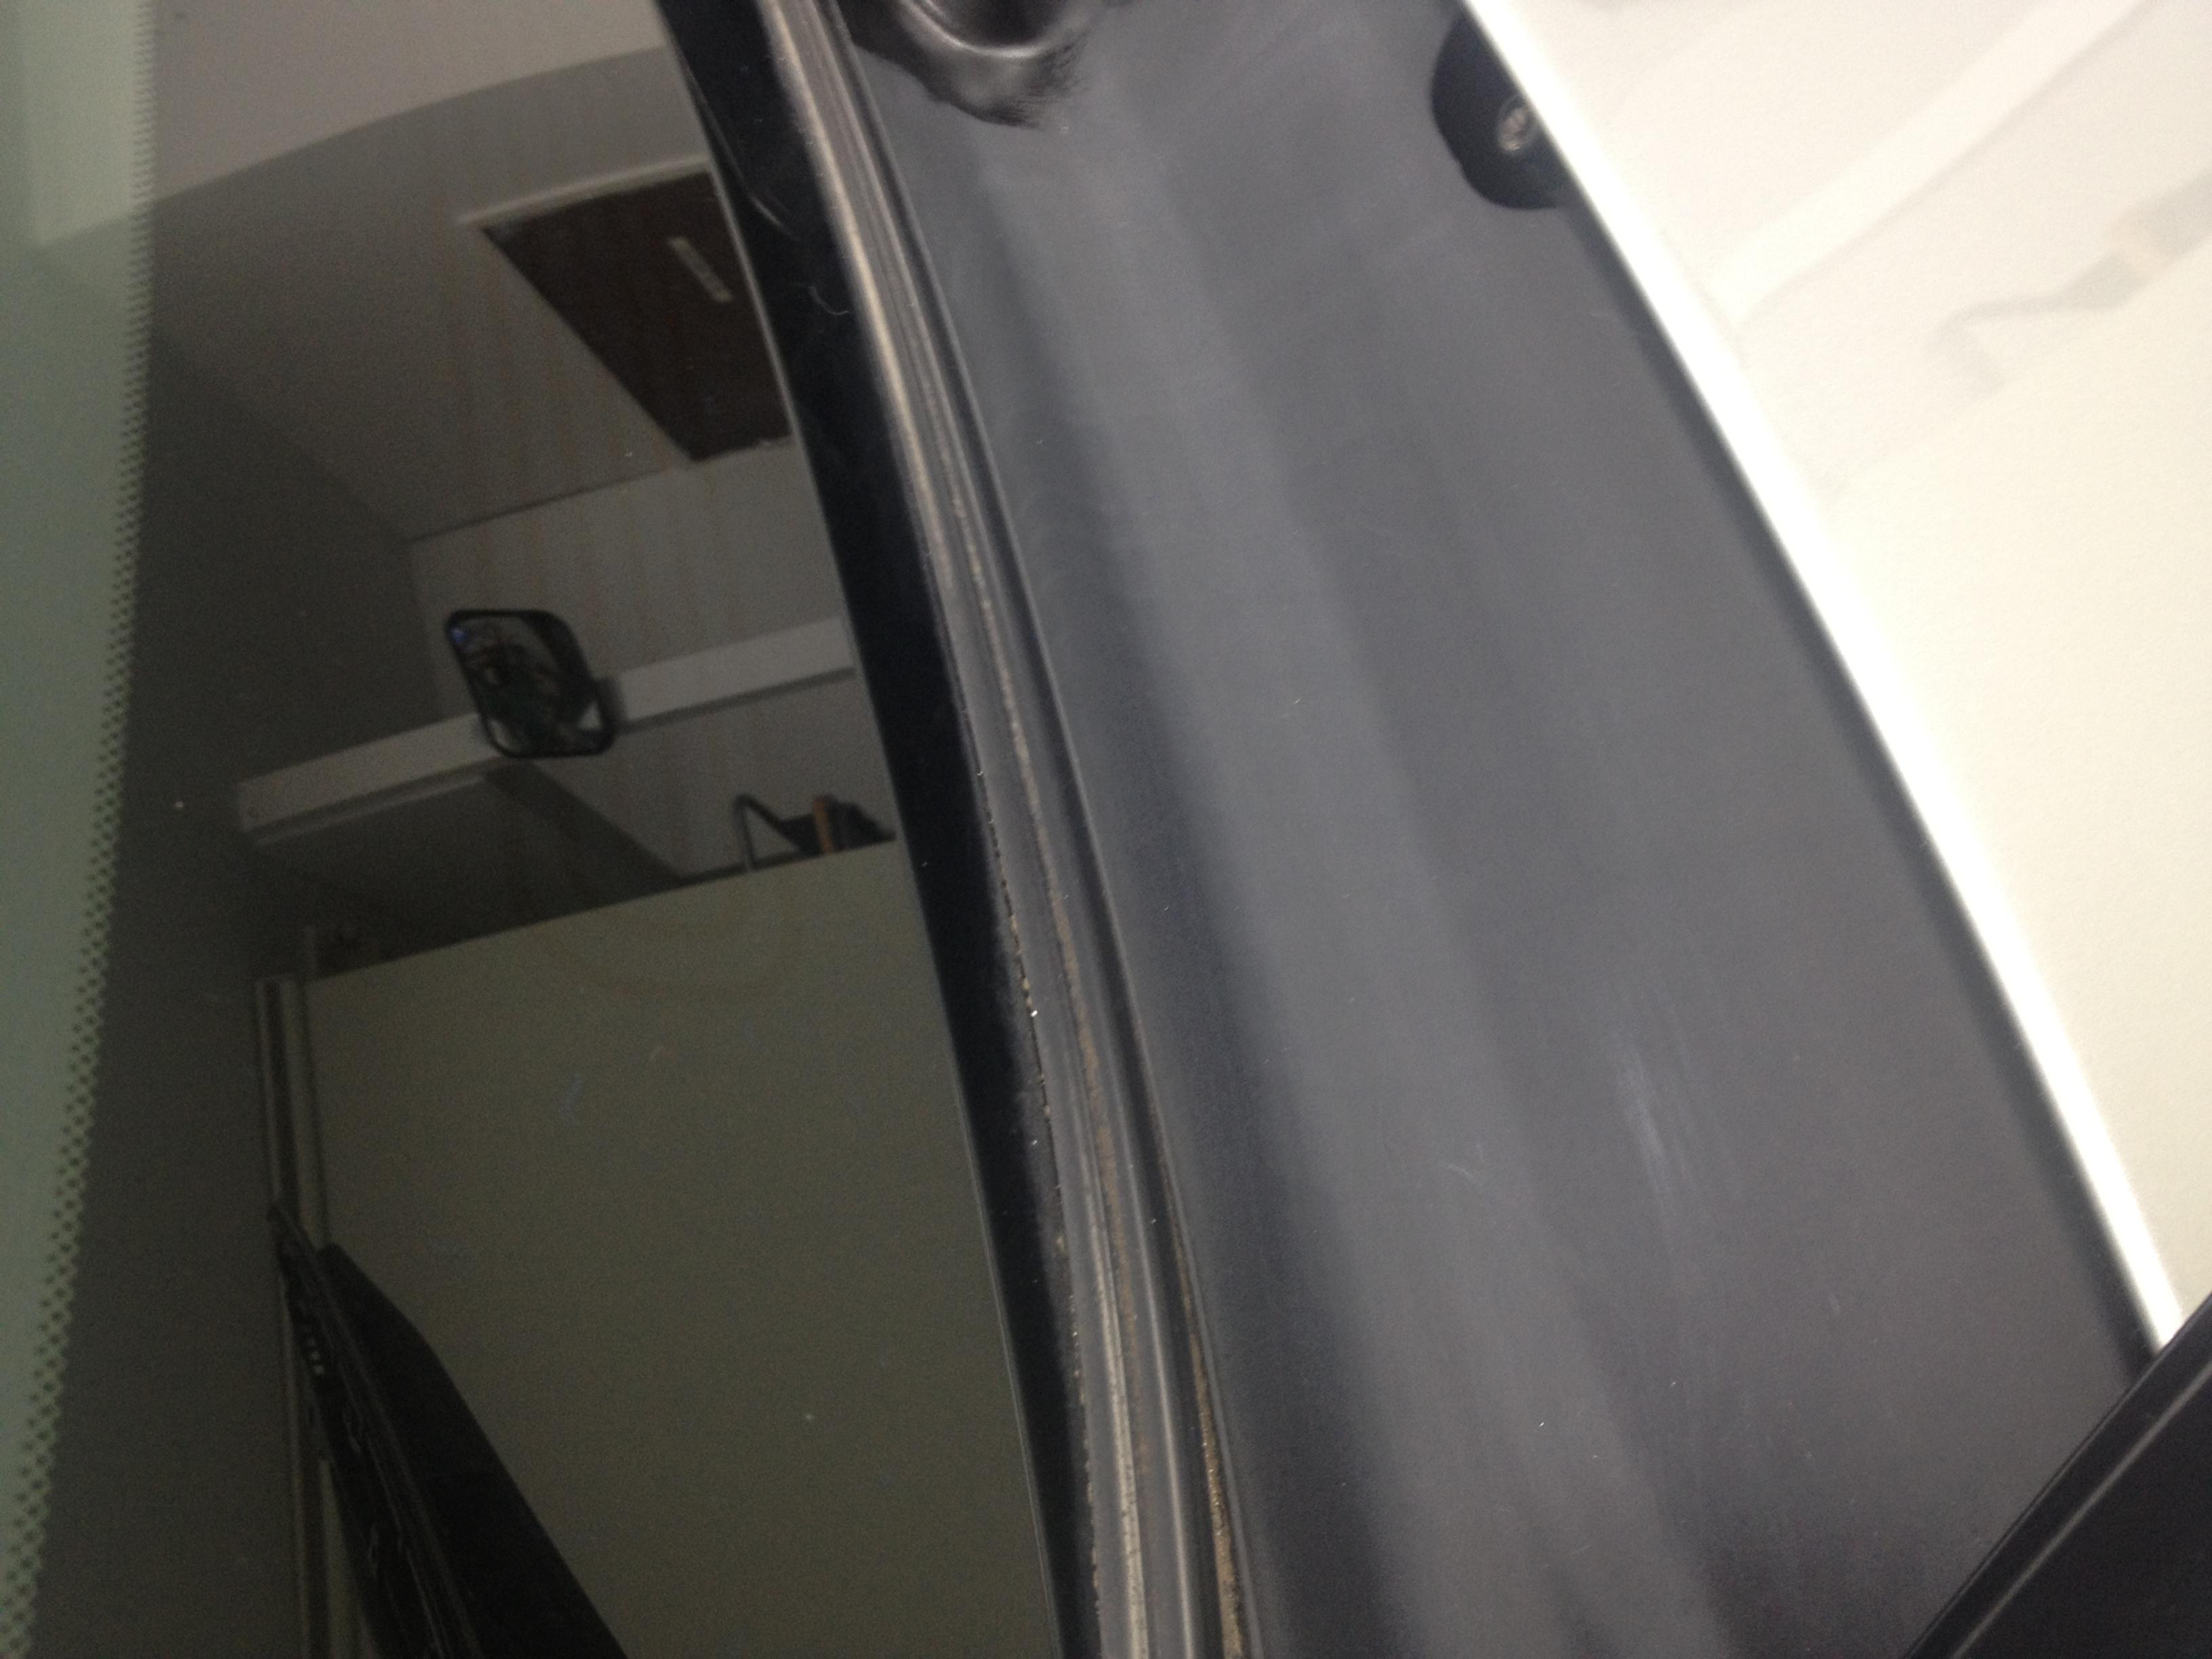 フロントガラス下部のプラスティック部分の劣化